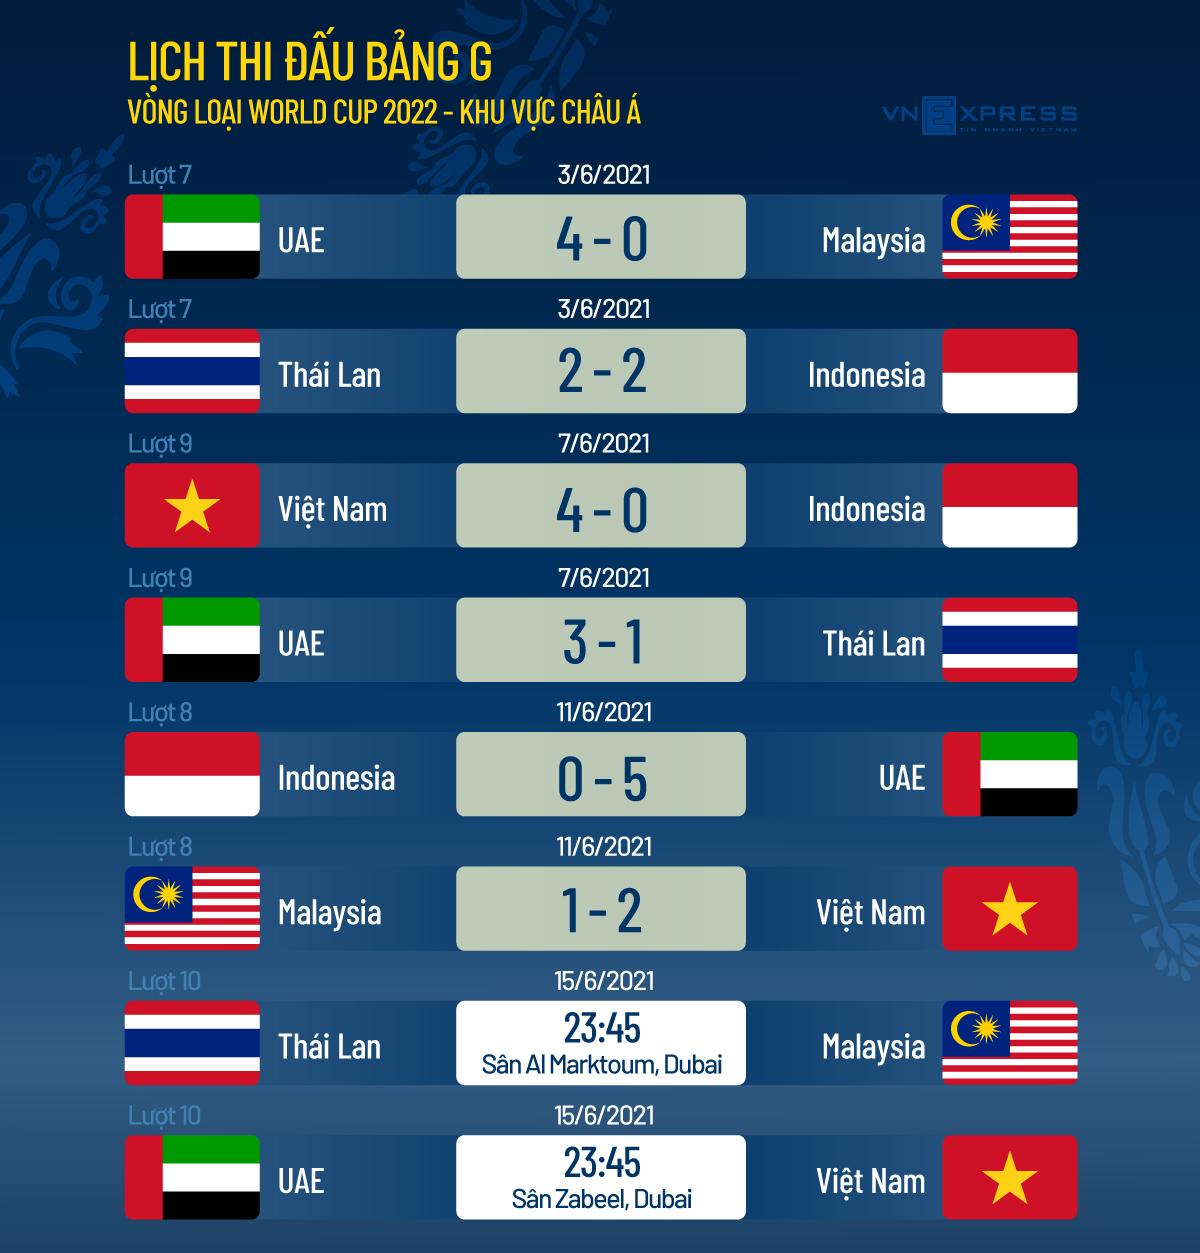 Son Heung-min giúp Việt Nam tiến sát vòng loại cuối World Cup - 2